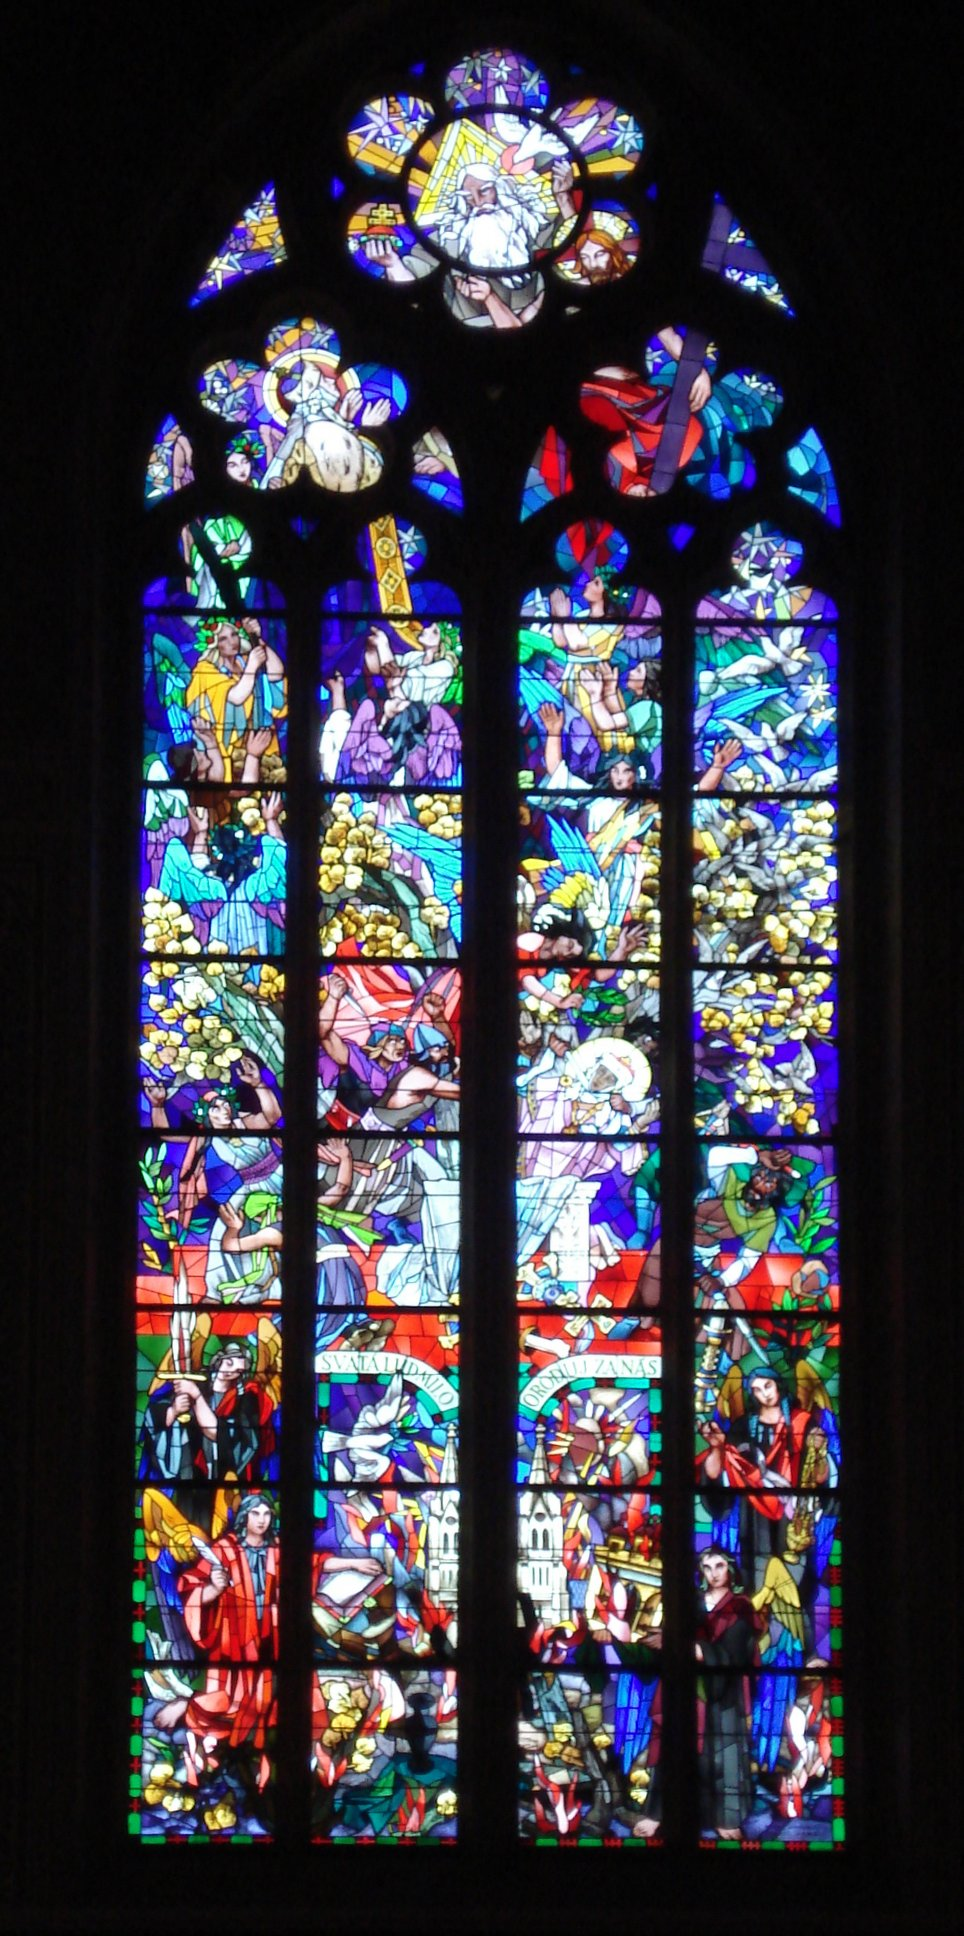 Окно в костеле Святой Людмилы